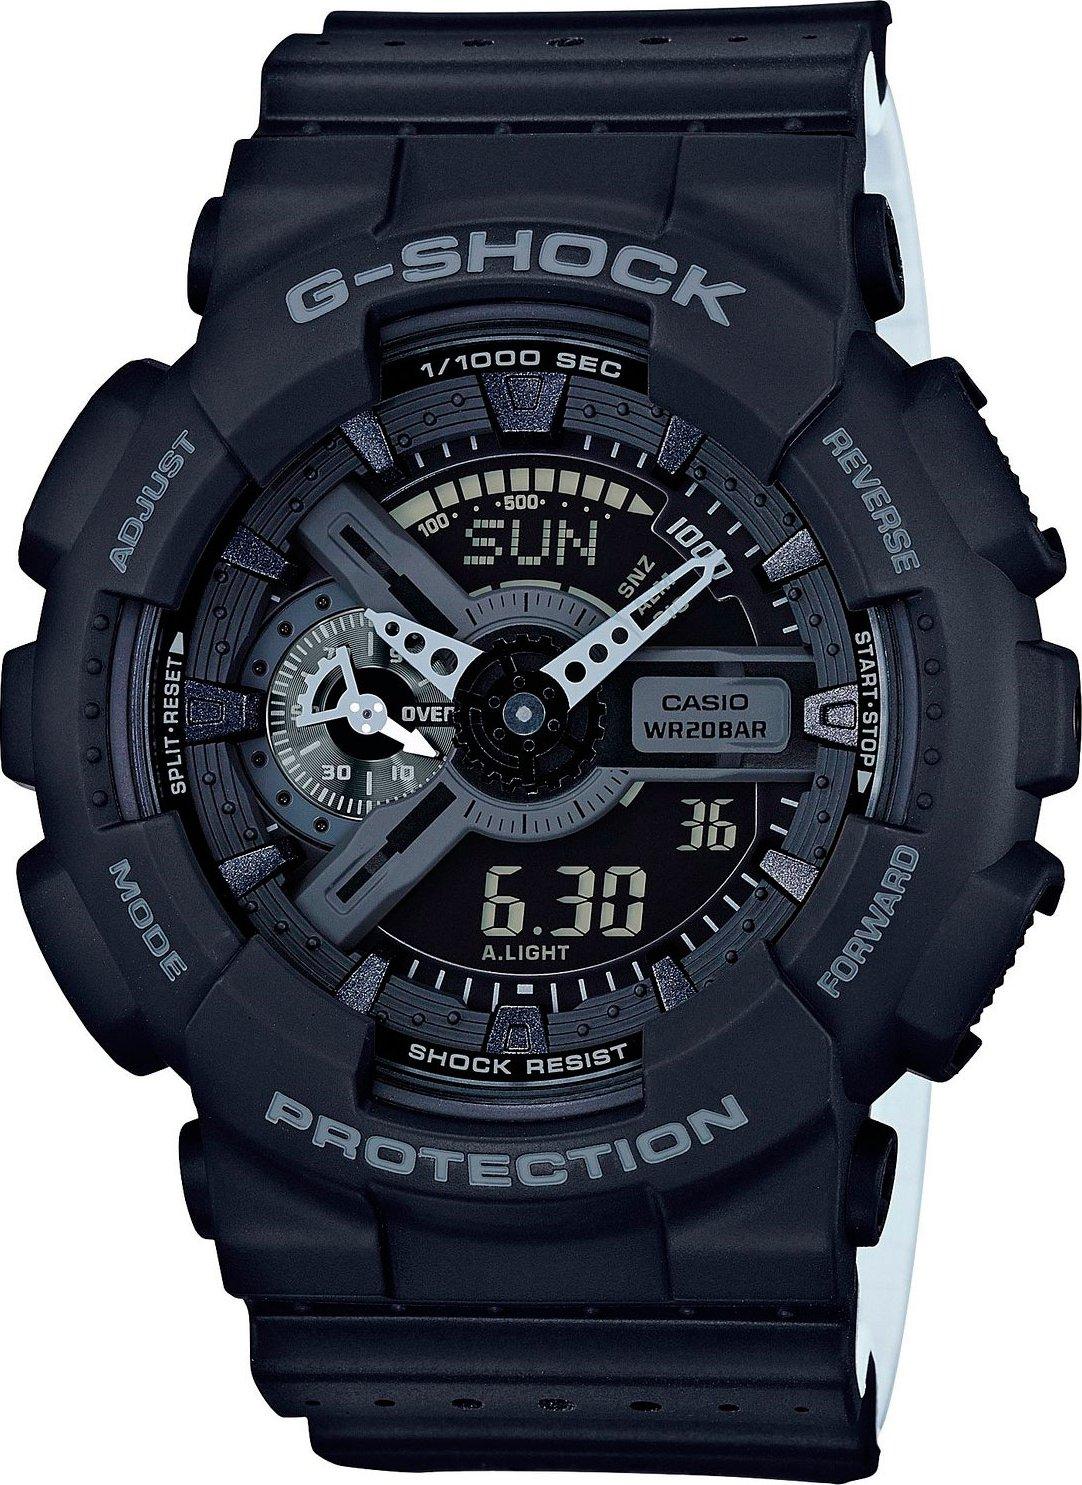 ff7bef4971a Casio G-Shock GA 110LP-1A od 3 790 Kč • Zboží.cz